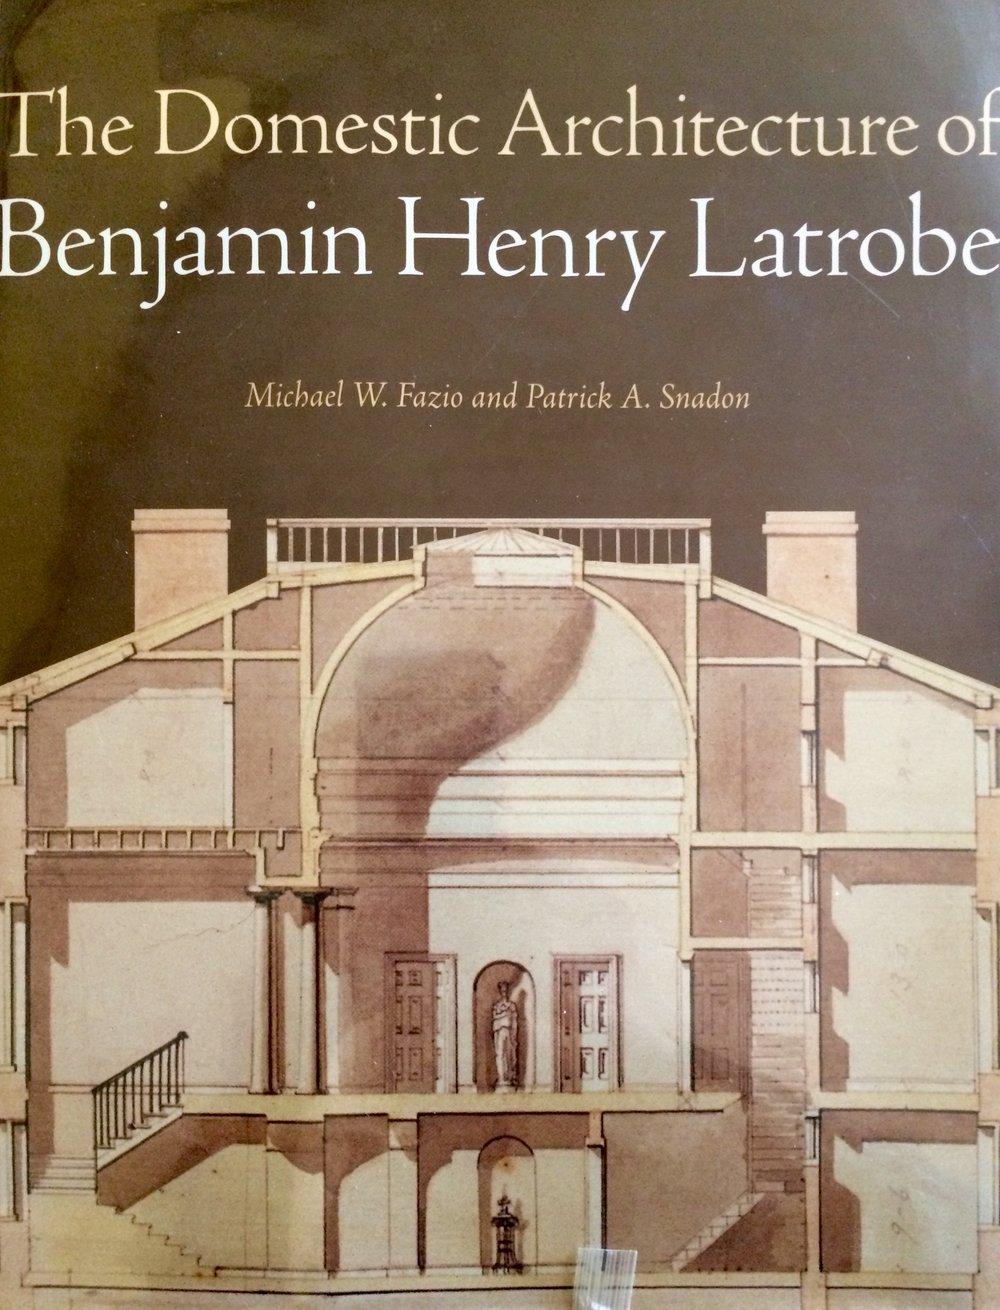 Latrobe Snadon Book Cover.jpg